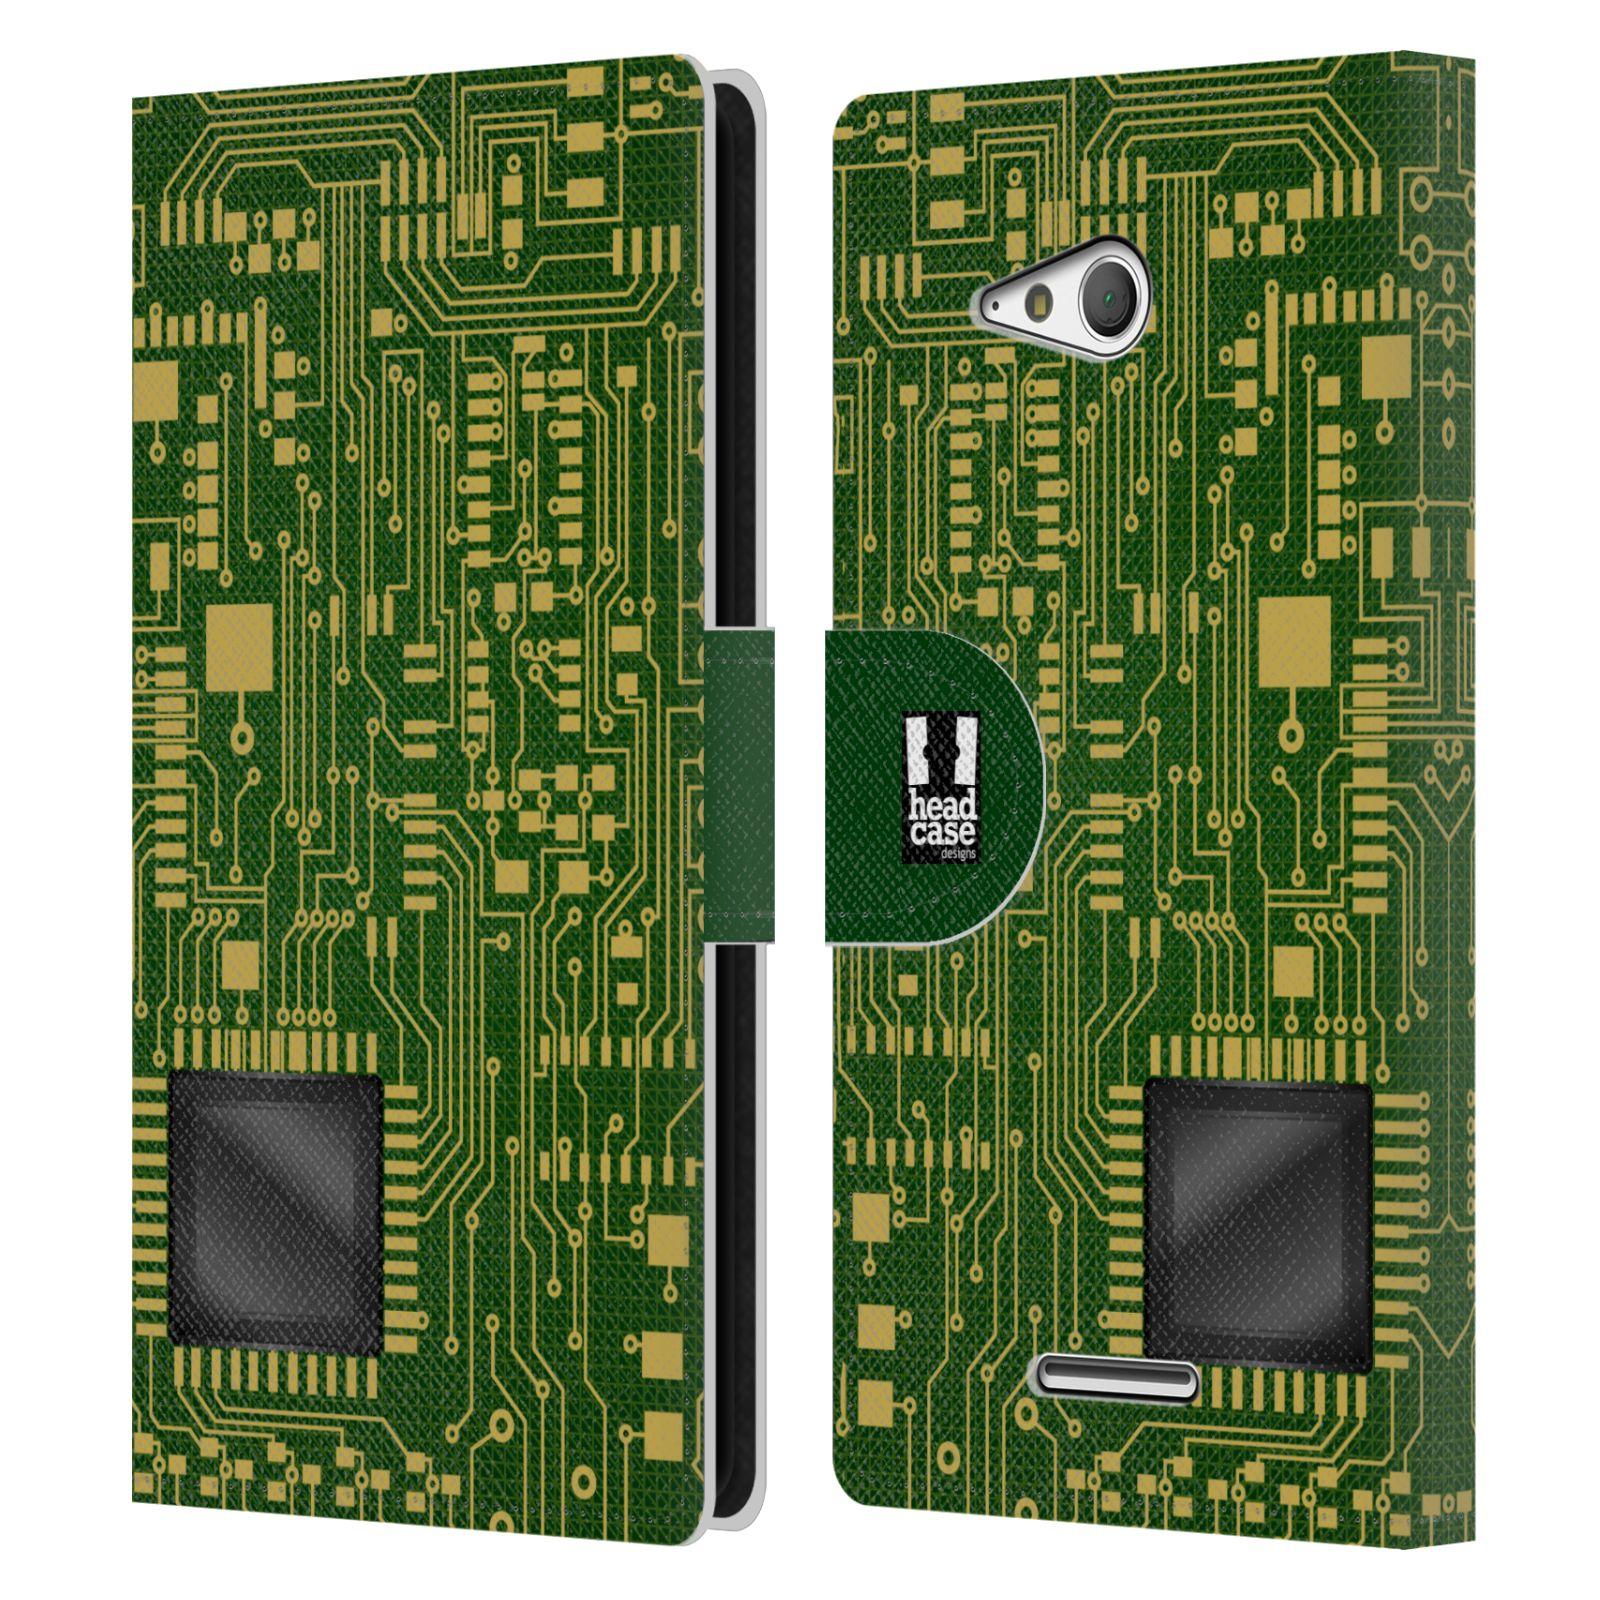 HEAD CASE Flipové pouzdro pro mobil SONY XPERIA E4g počítač základní deska zelená barva velký čip